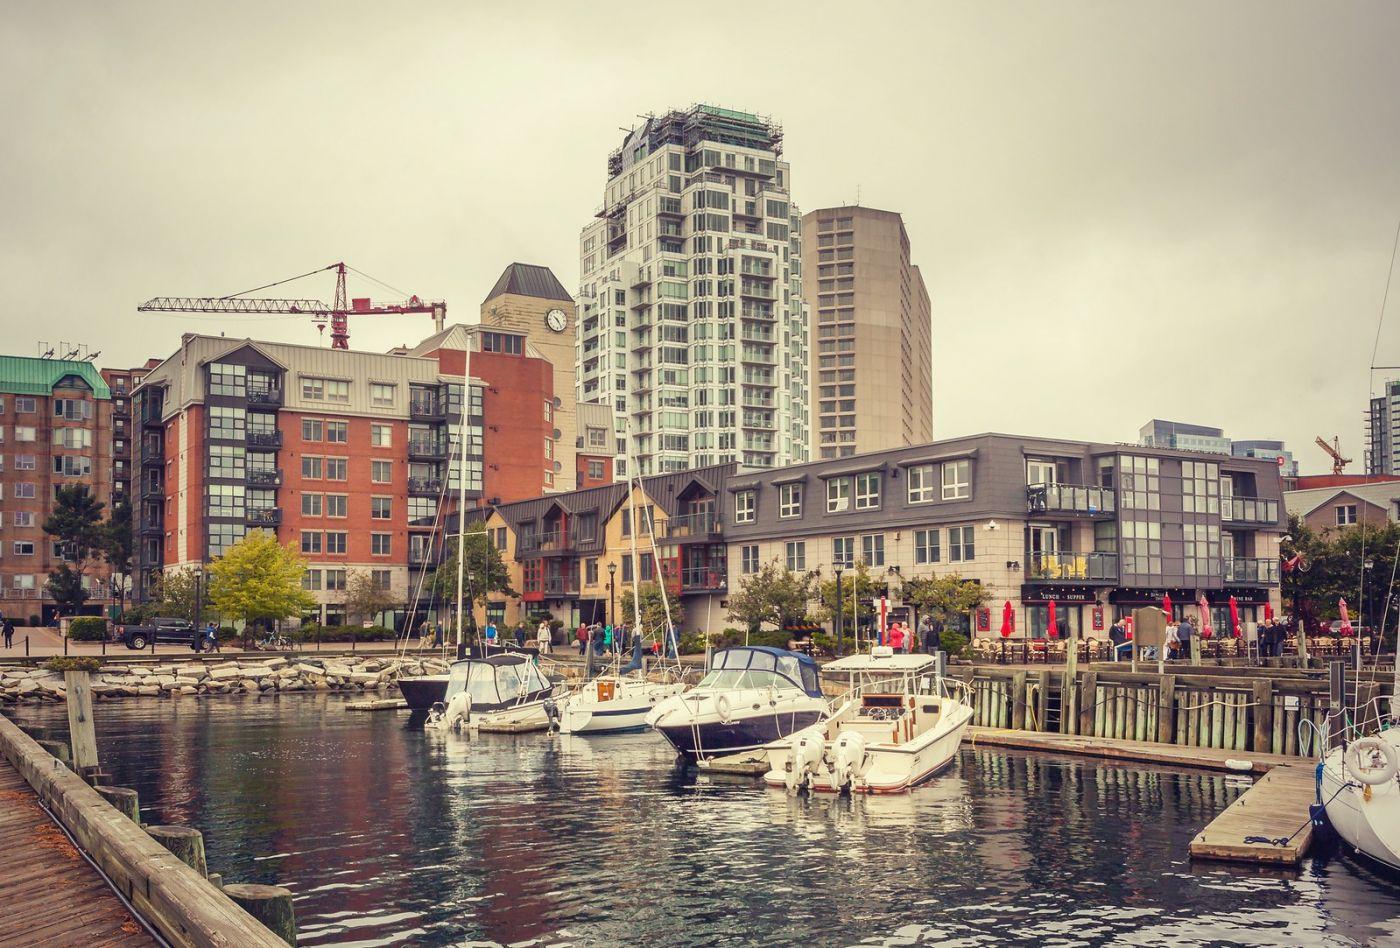 加拿大哈利法克斯(Halifax),很温馨的小城_图1-7